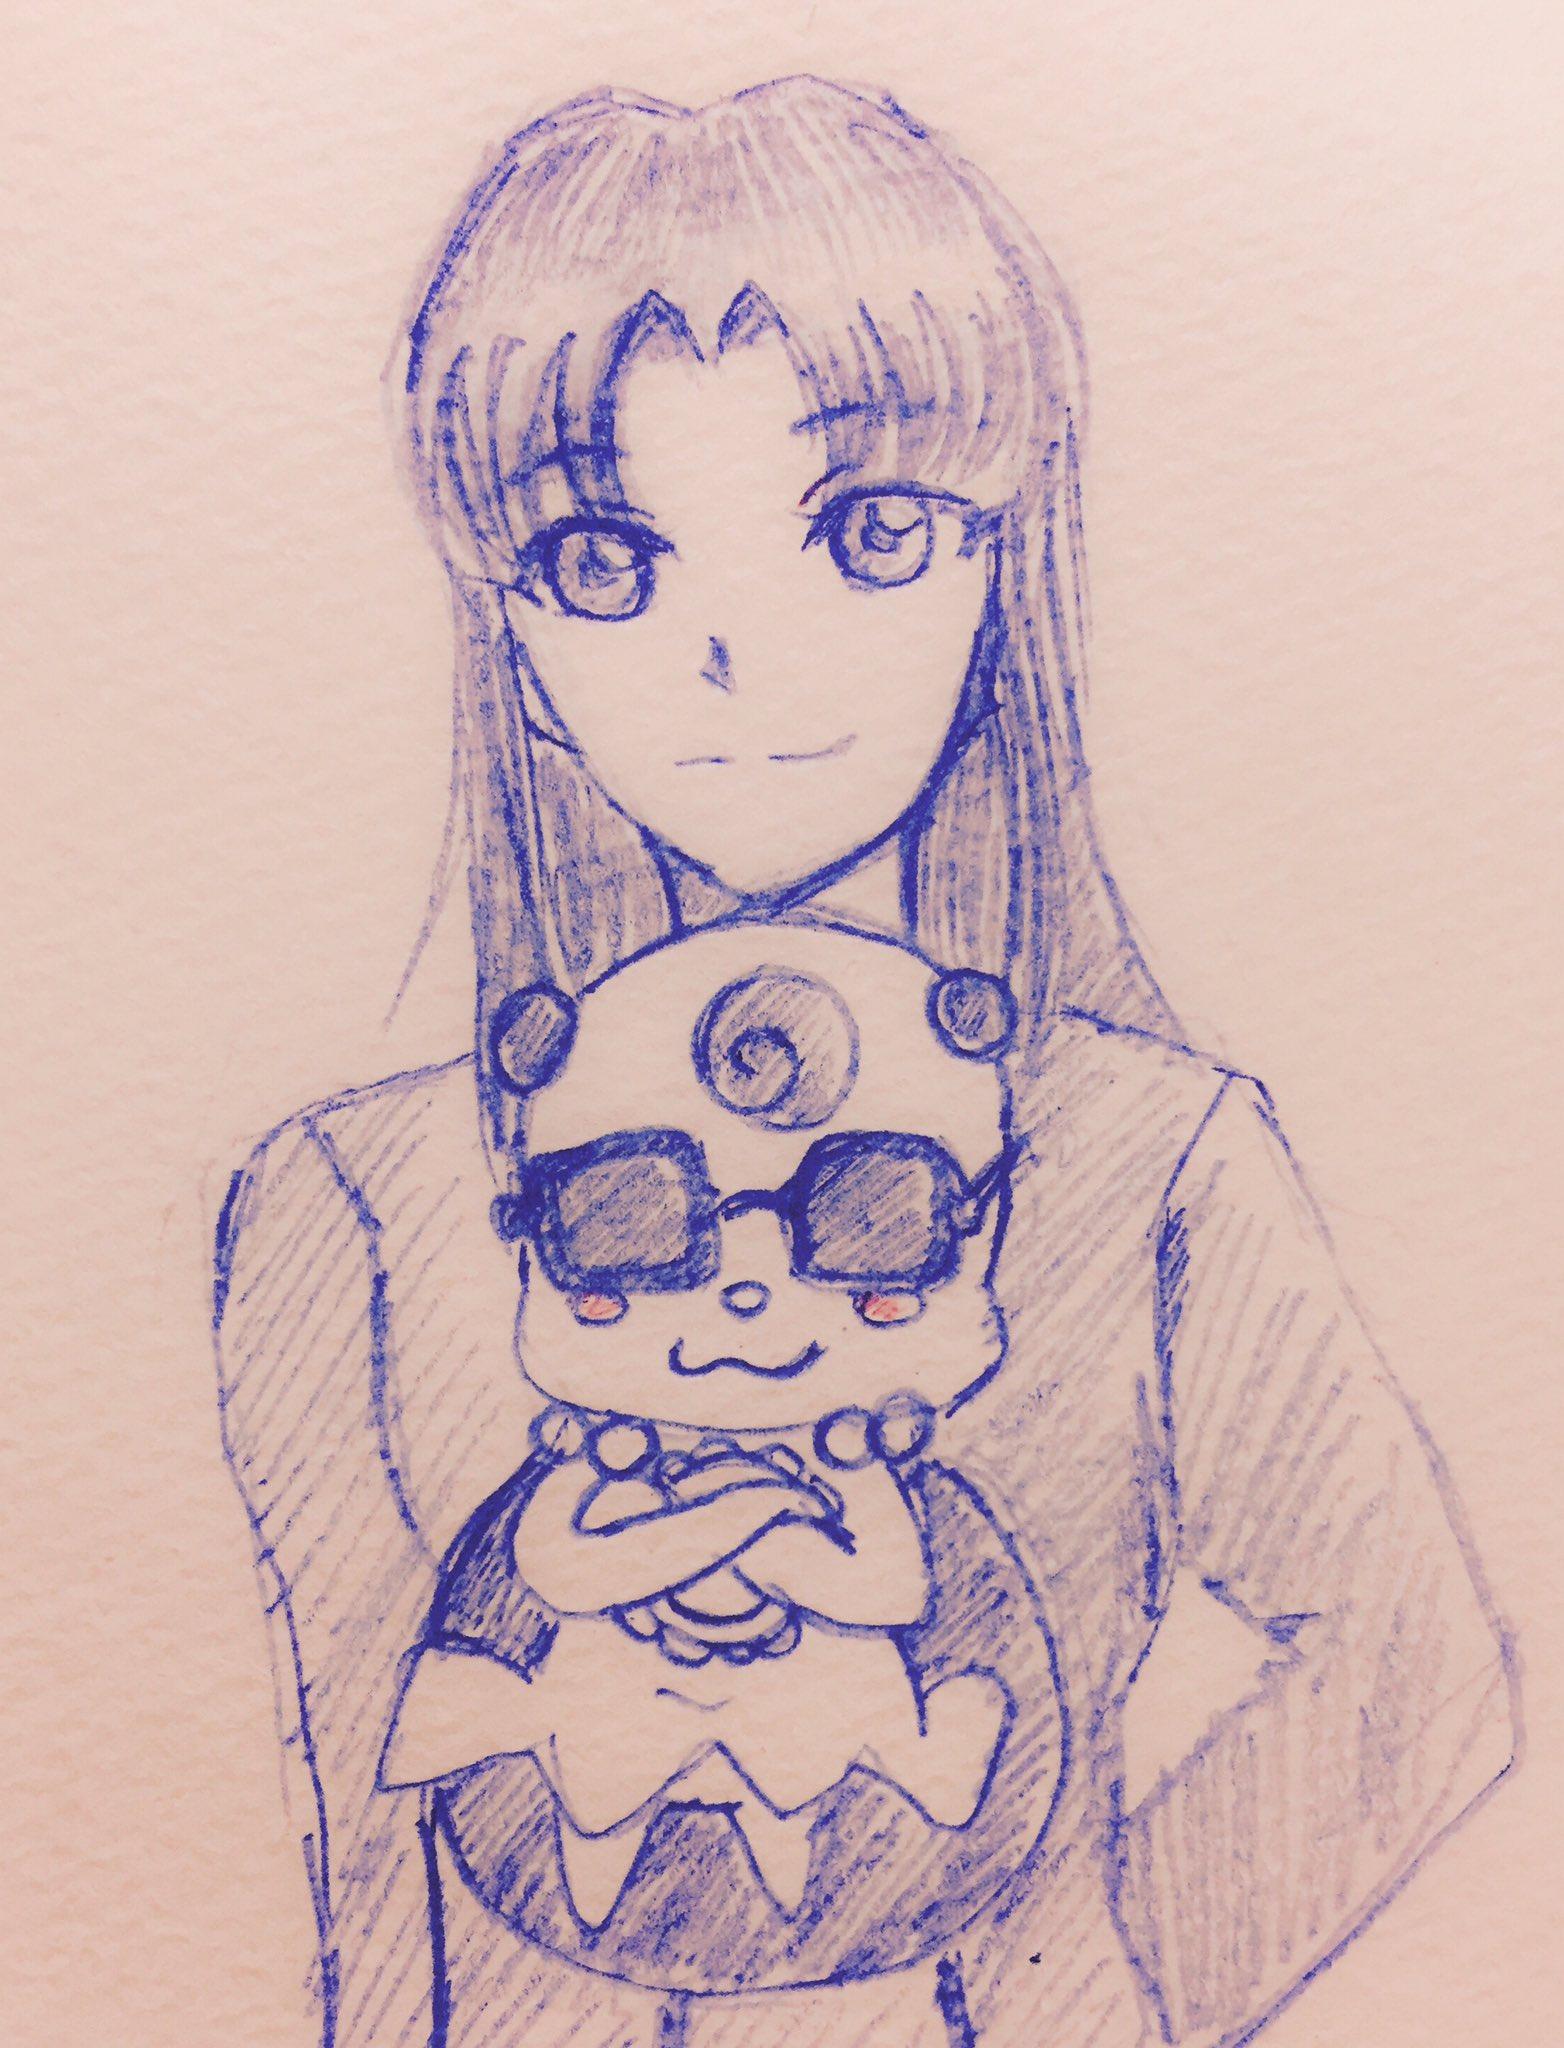 しんぽん@晋凡C'est si 盆 (@SHIN_YANAI)さんのイラスト